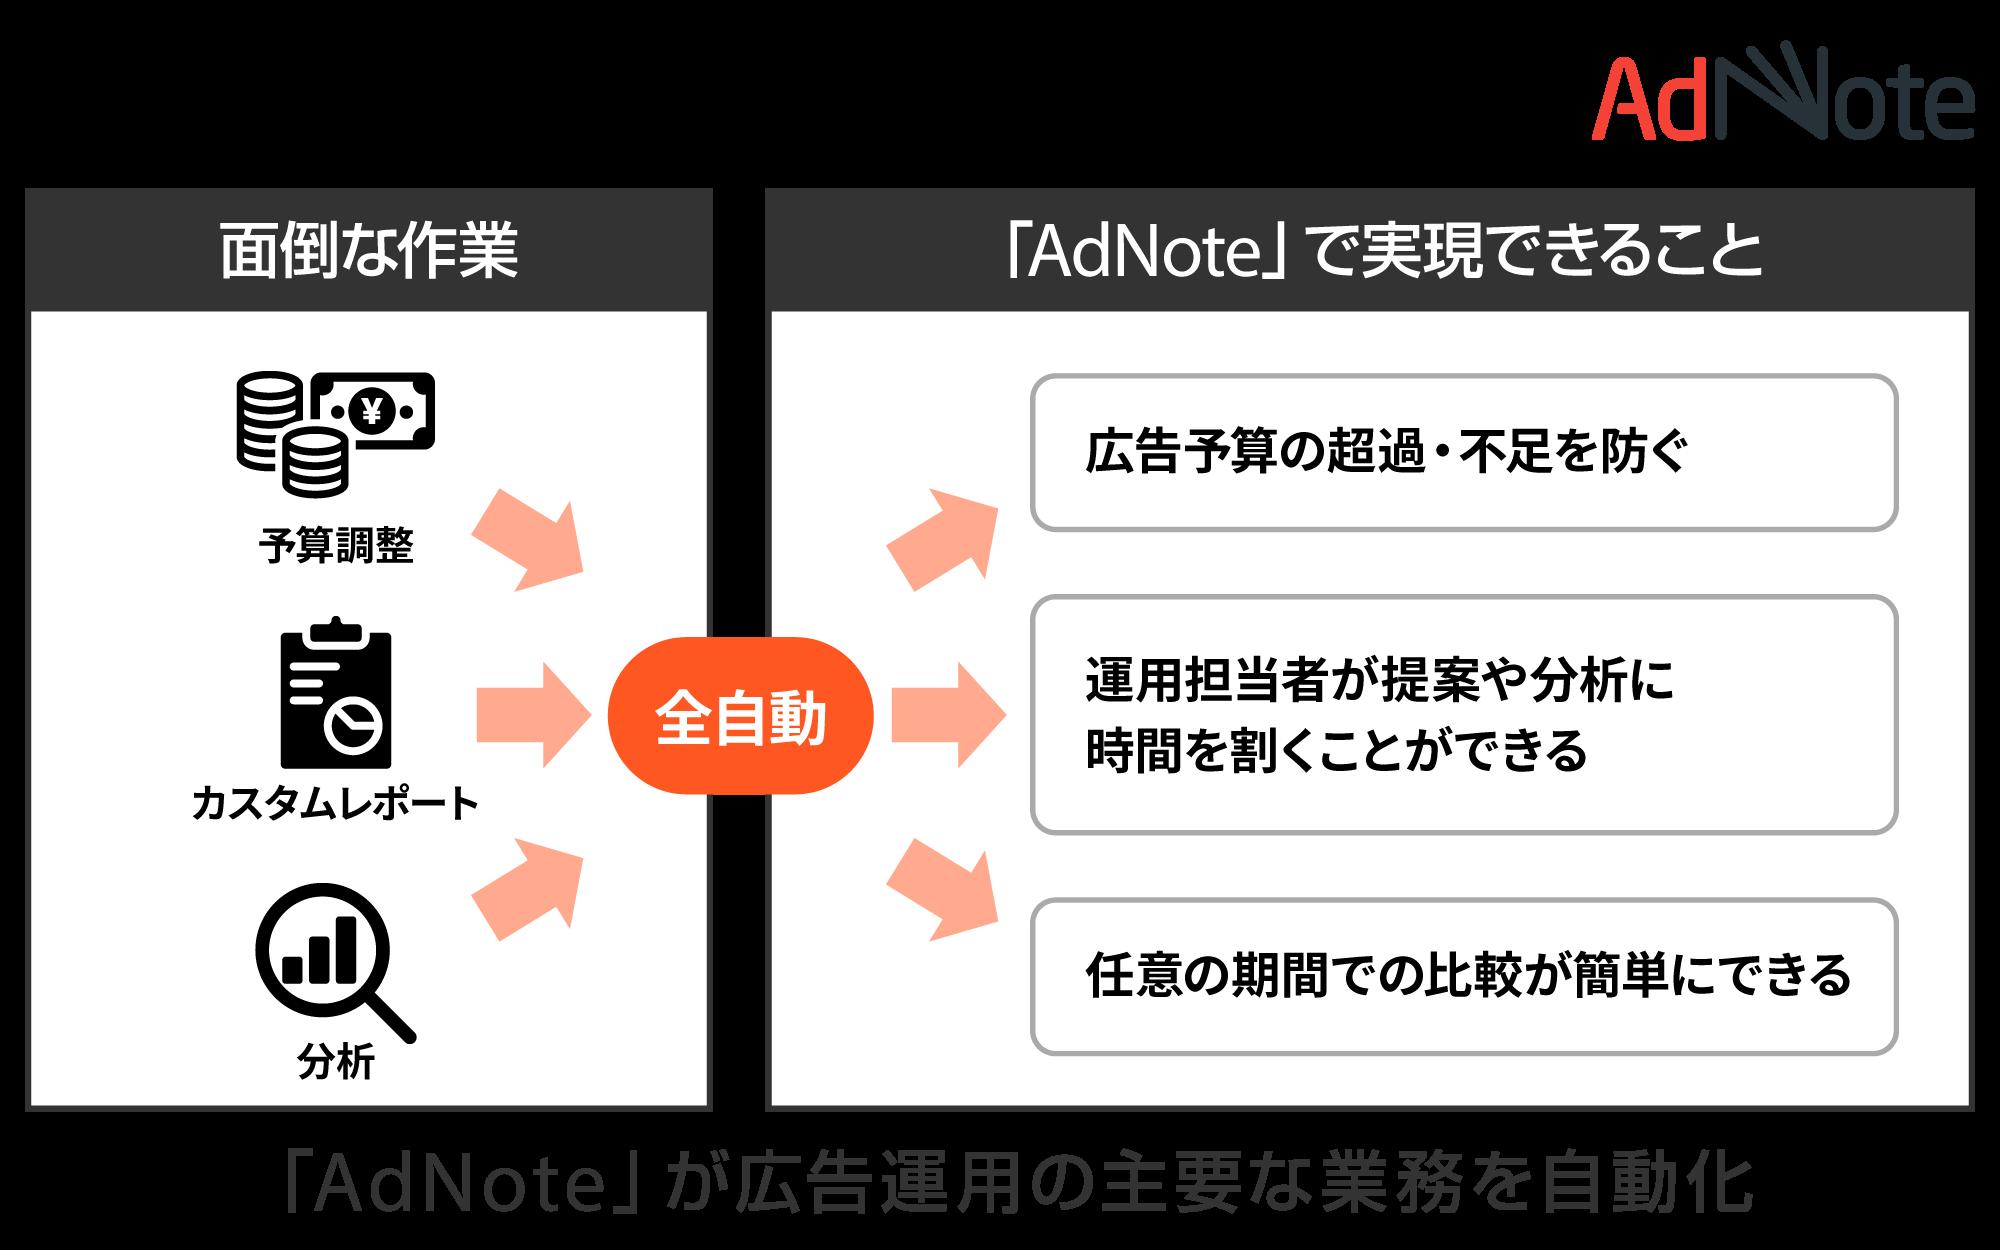 ブレインパッド、広告運用支援ツール「AdNote」のバージョンアップを発表